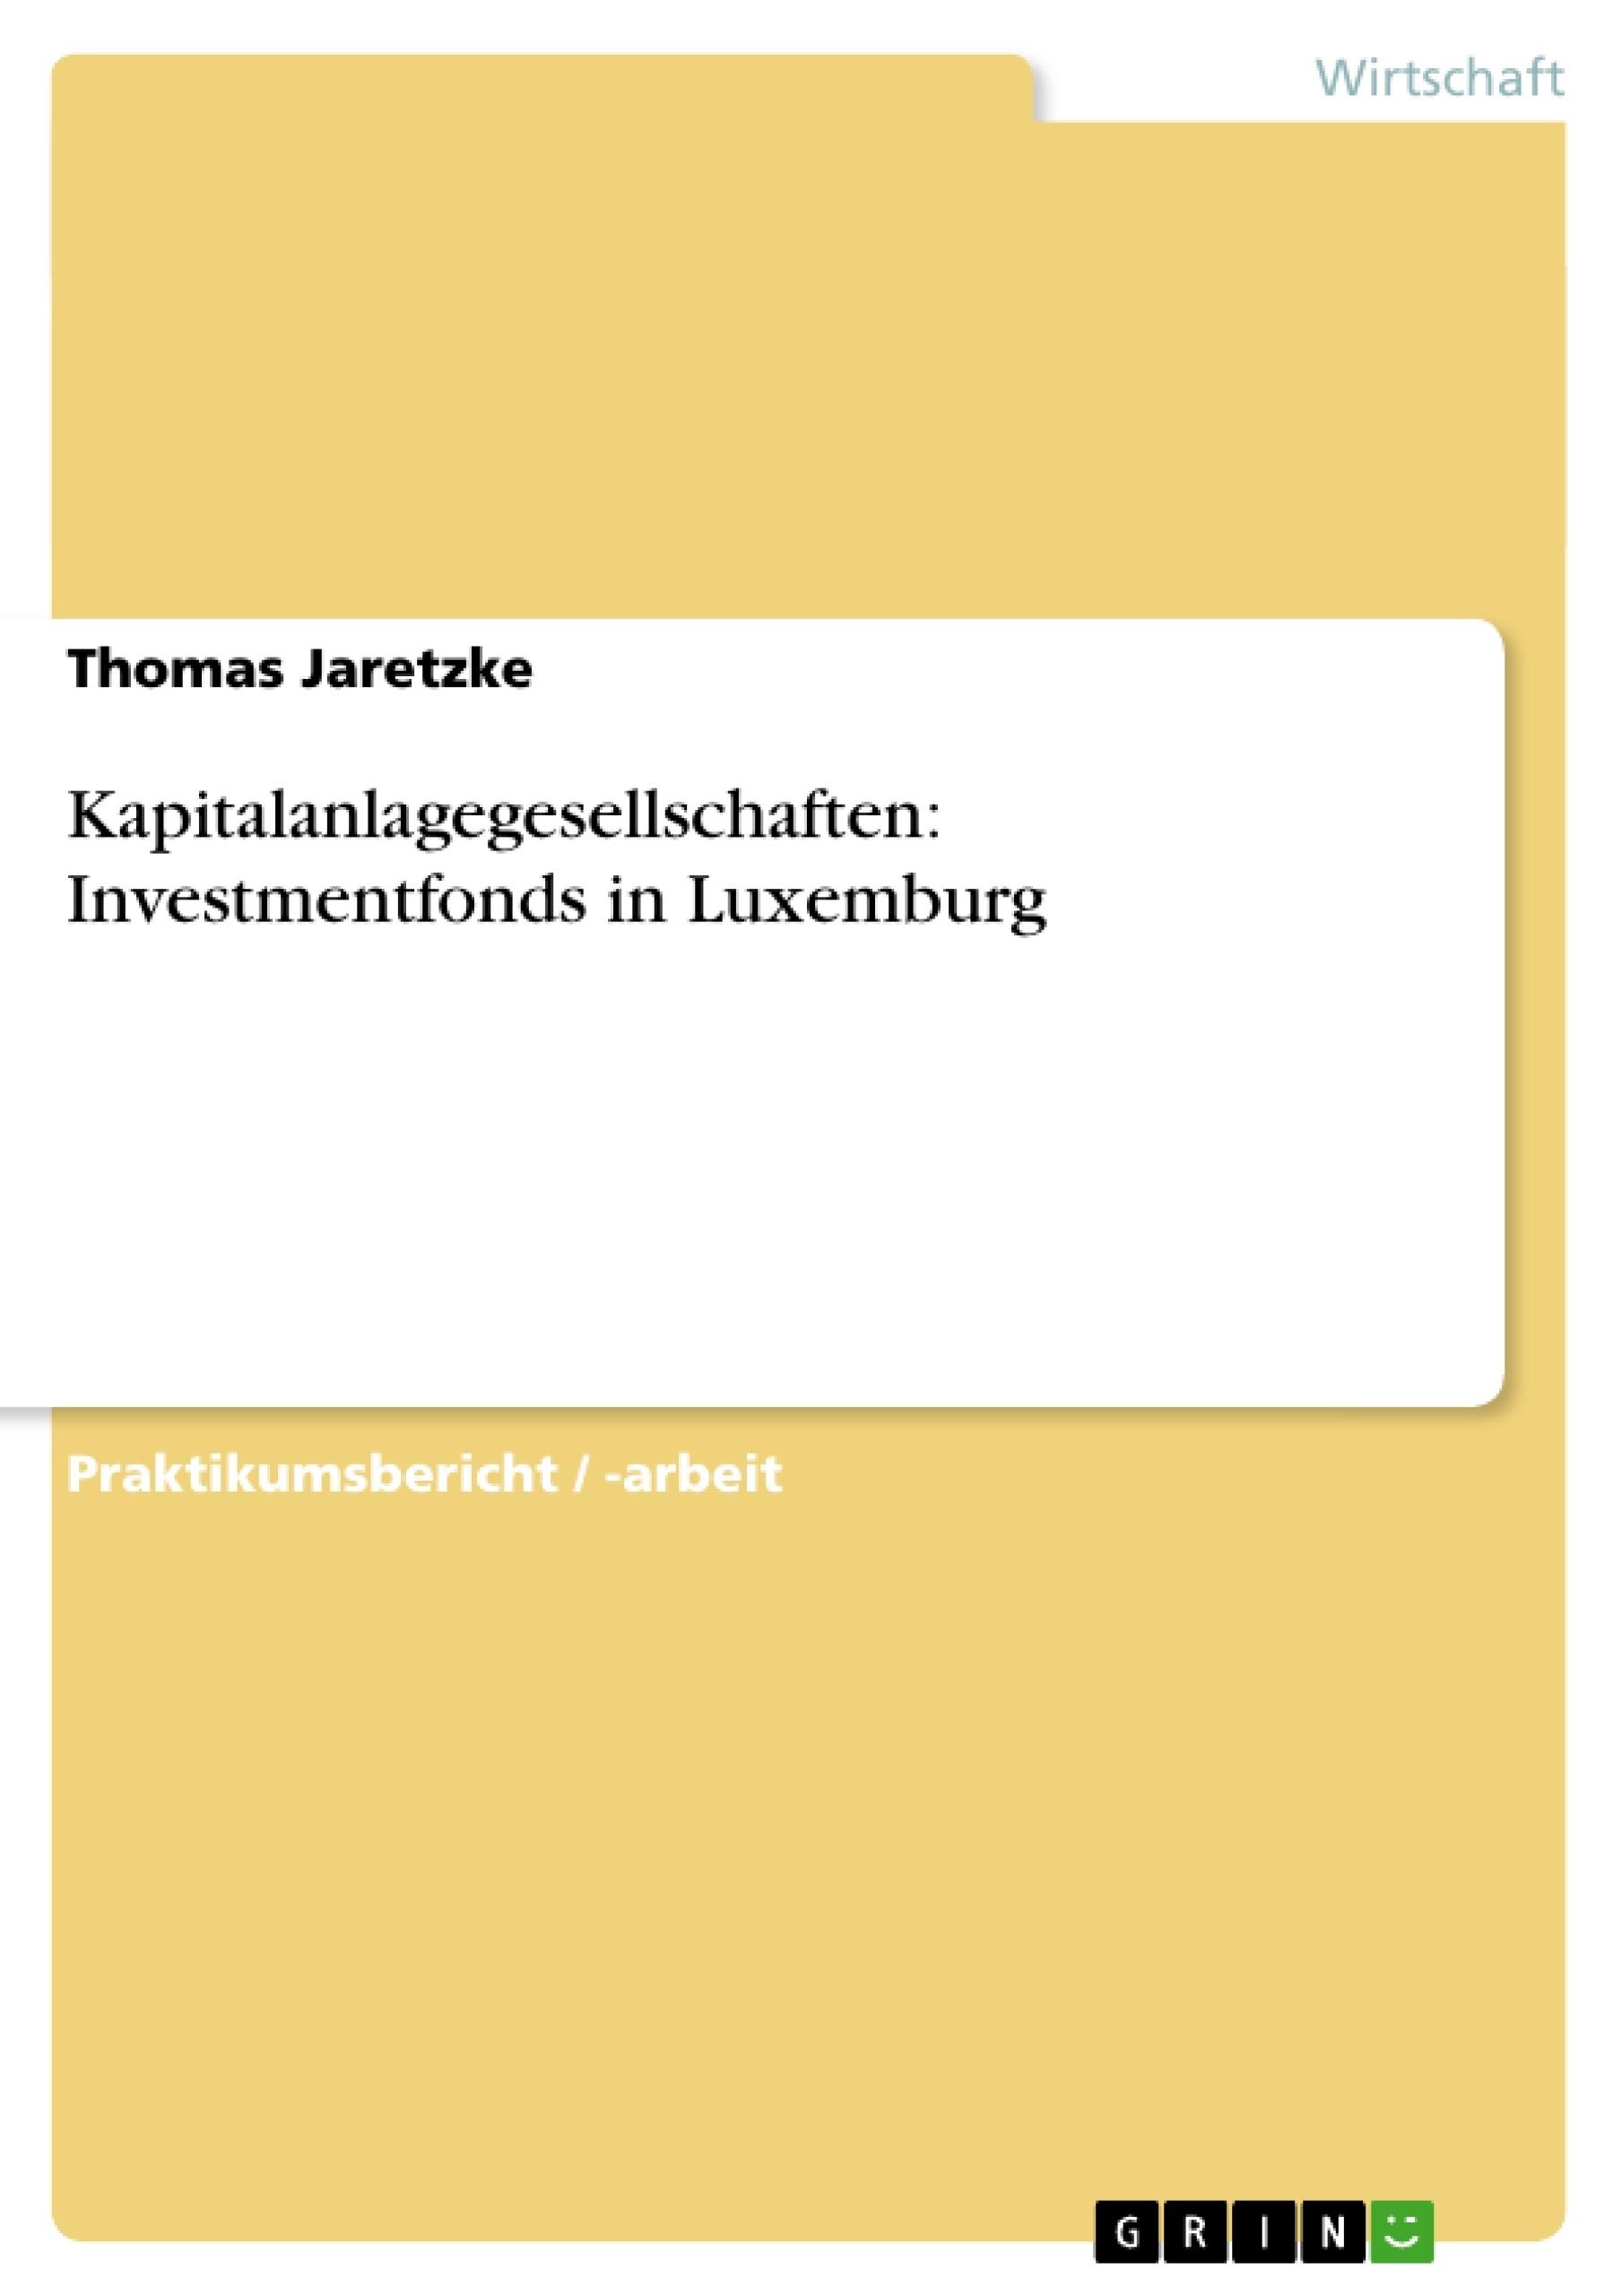 Titel: Kapitalanlagegesellschaften: Investmentfonds in Luxemburg